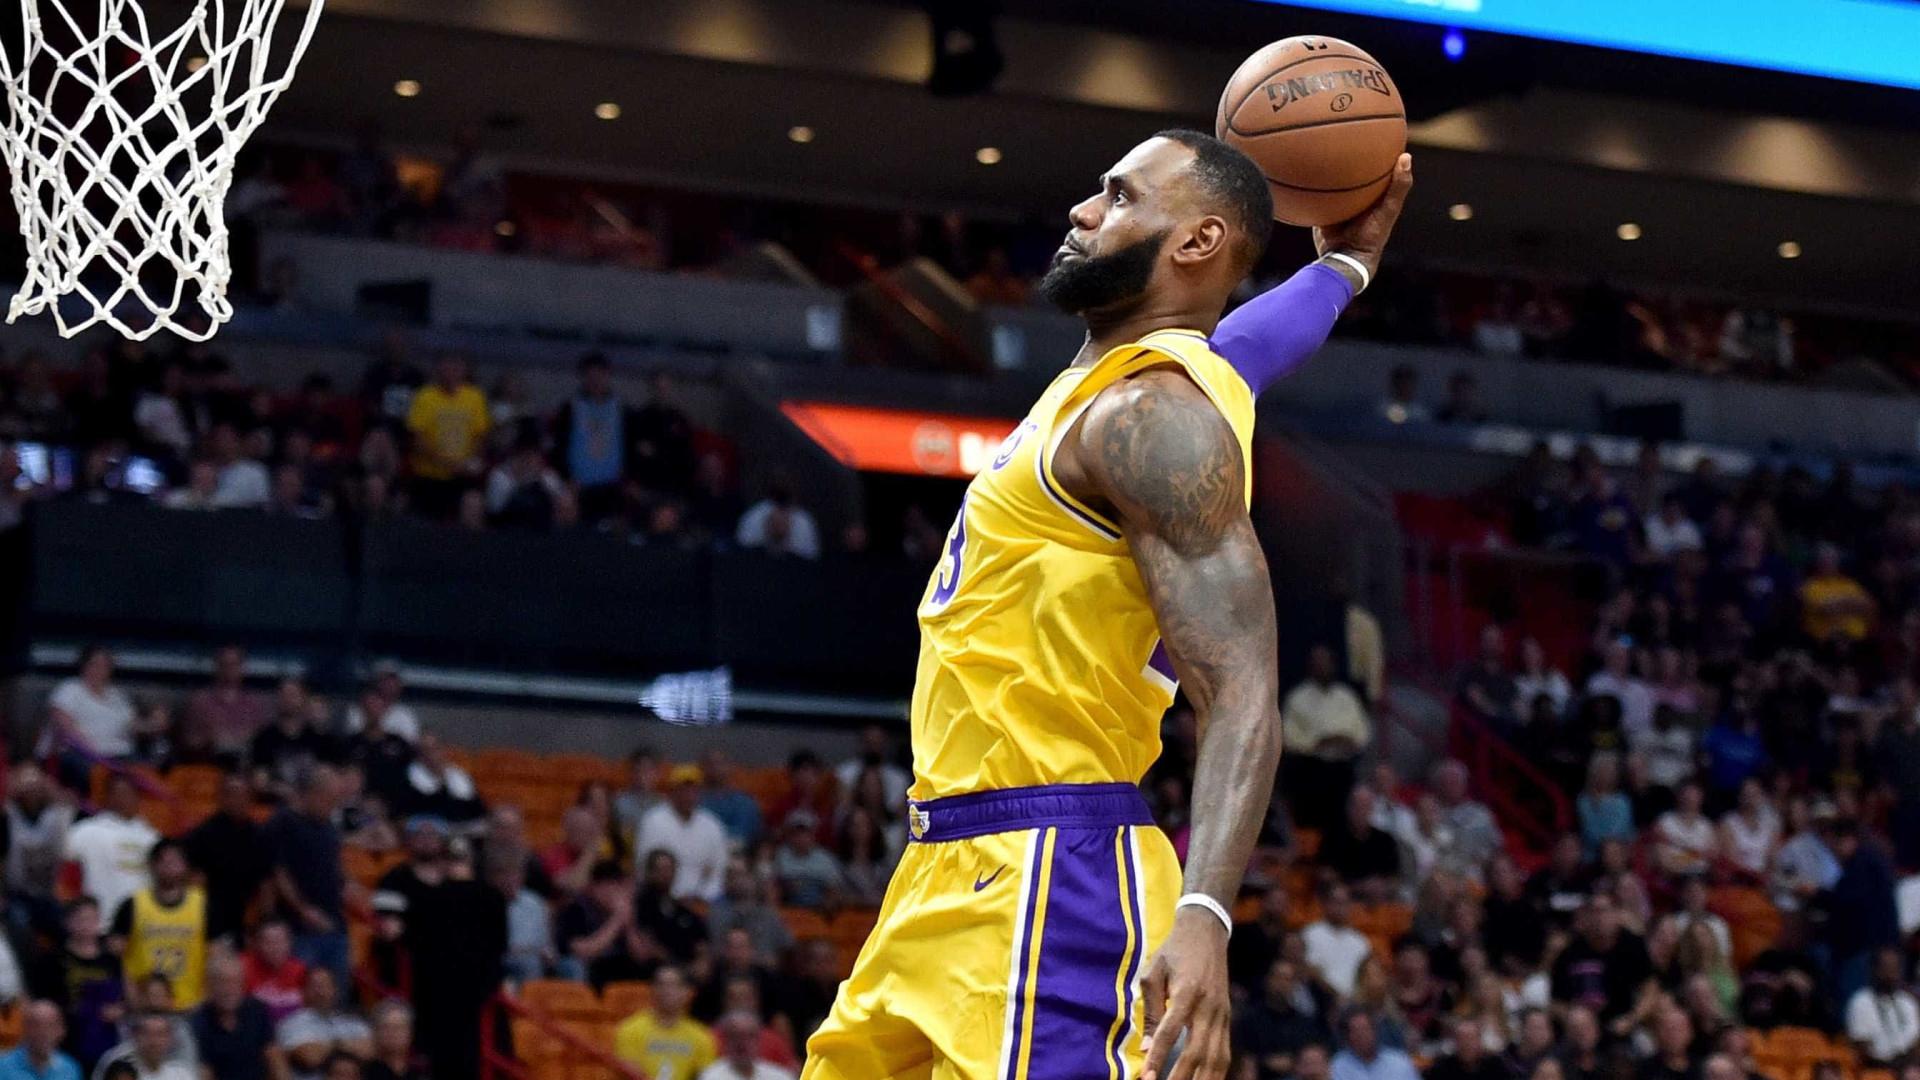 LeBron brilha e marca 51 pontos diante do Heat; Warriors perde mais uma